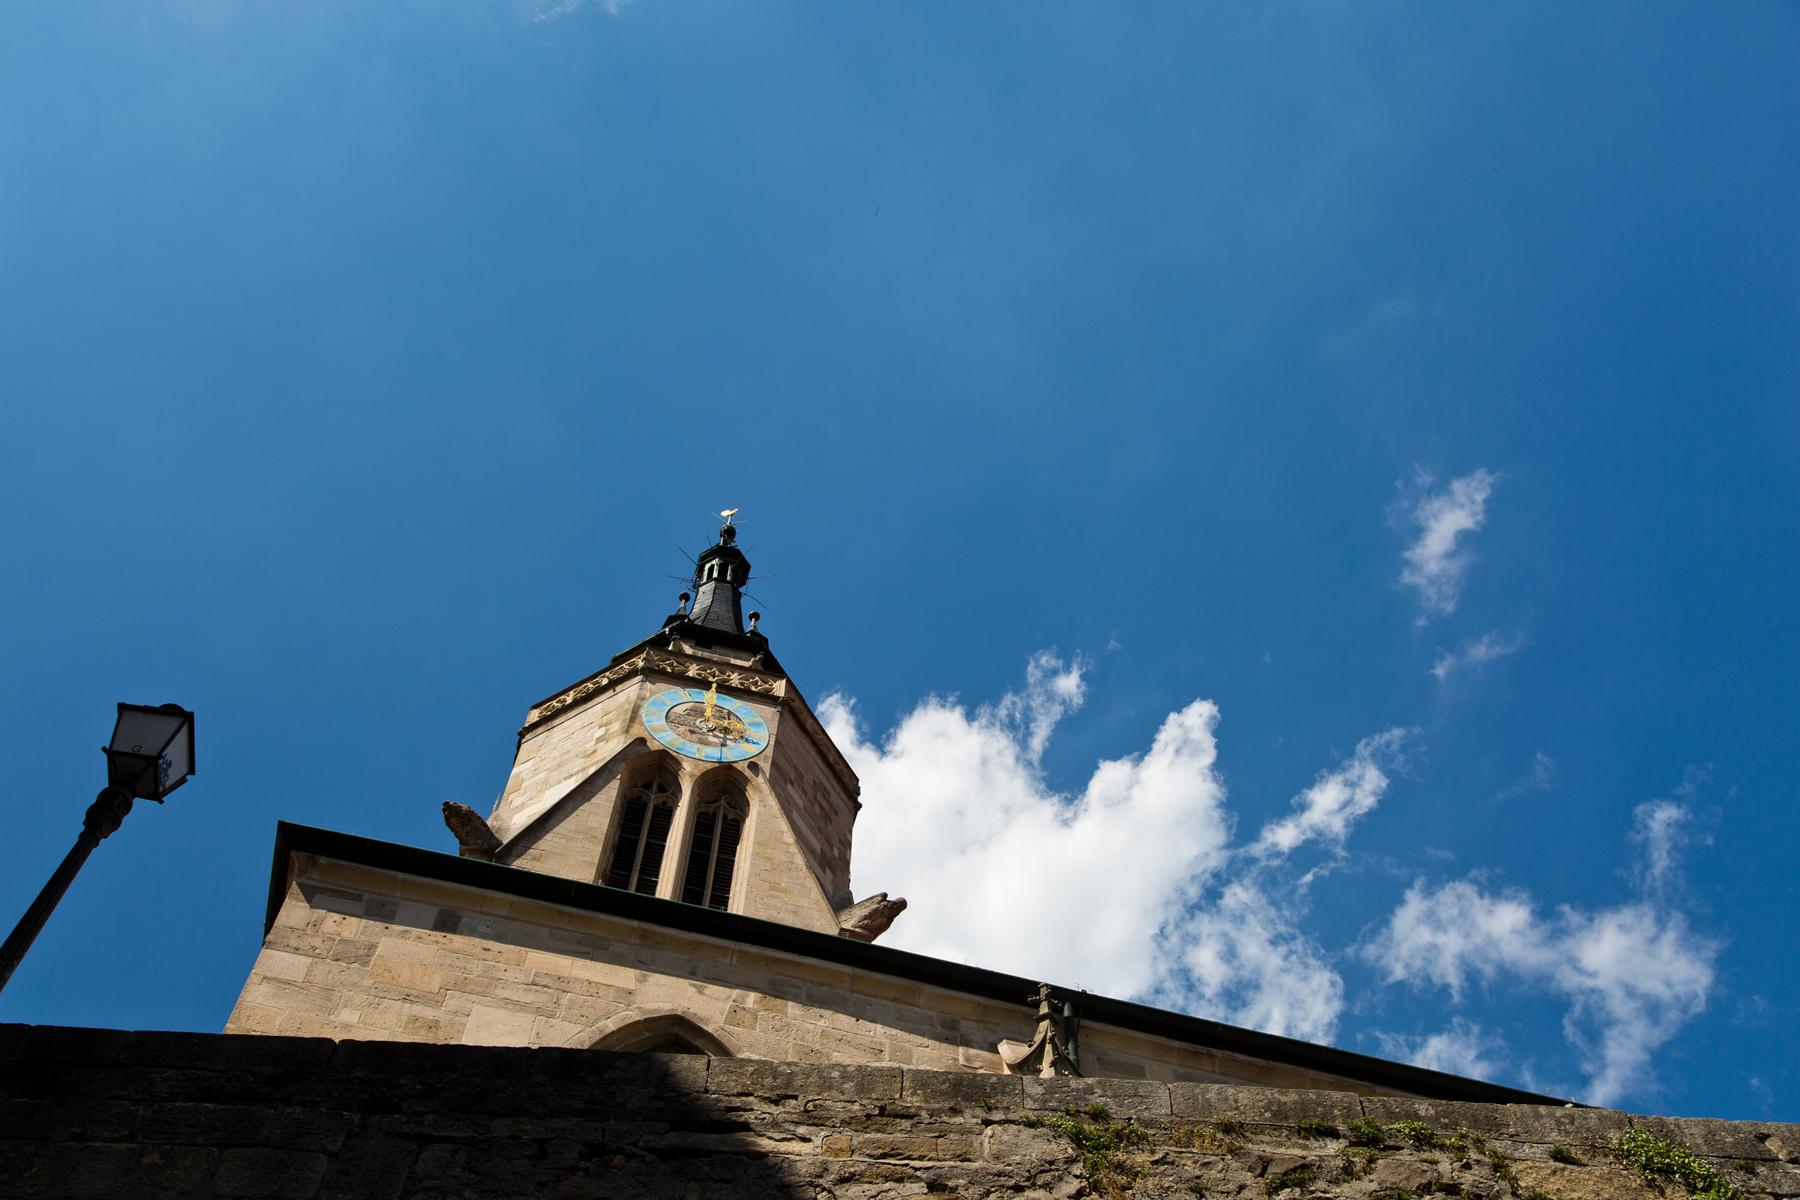 Kirchturm Stiftskirche St. Georg